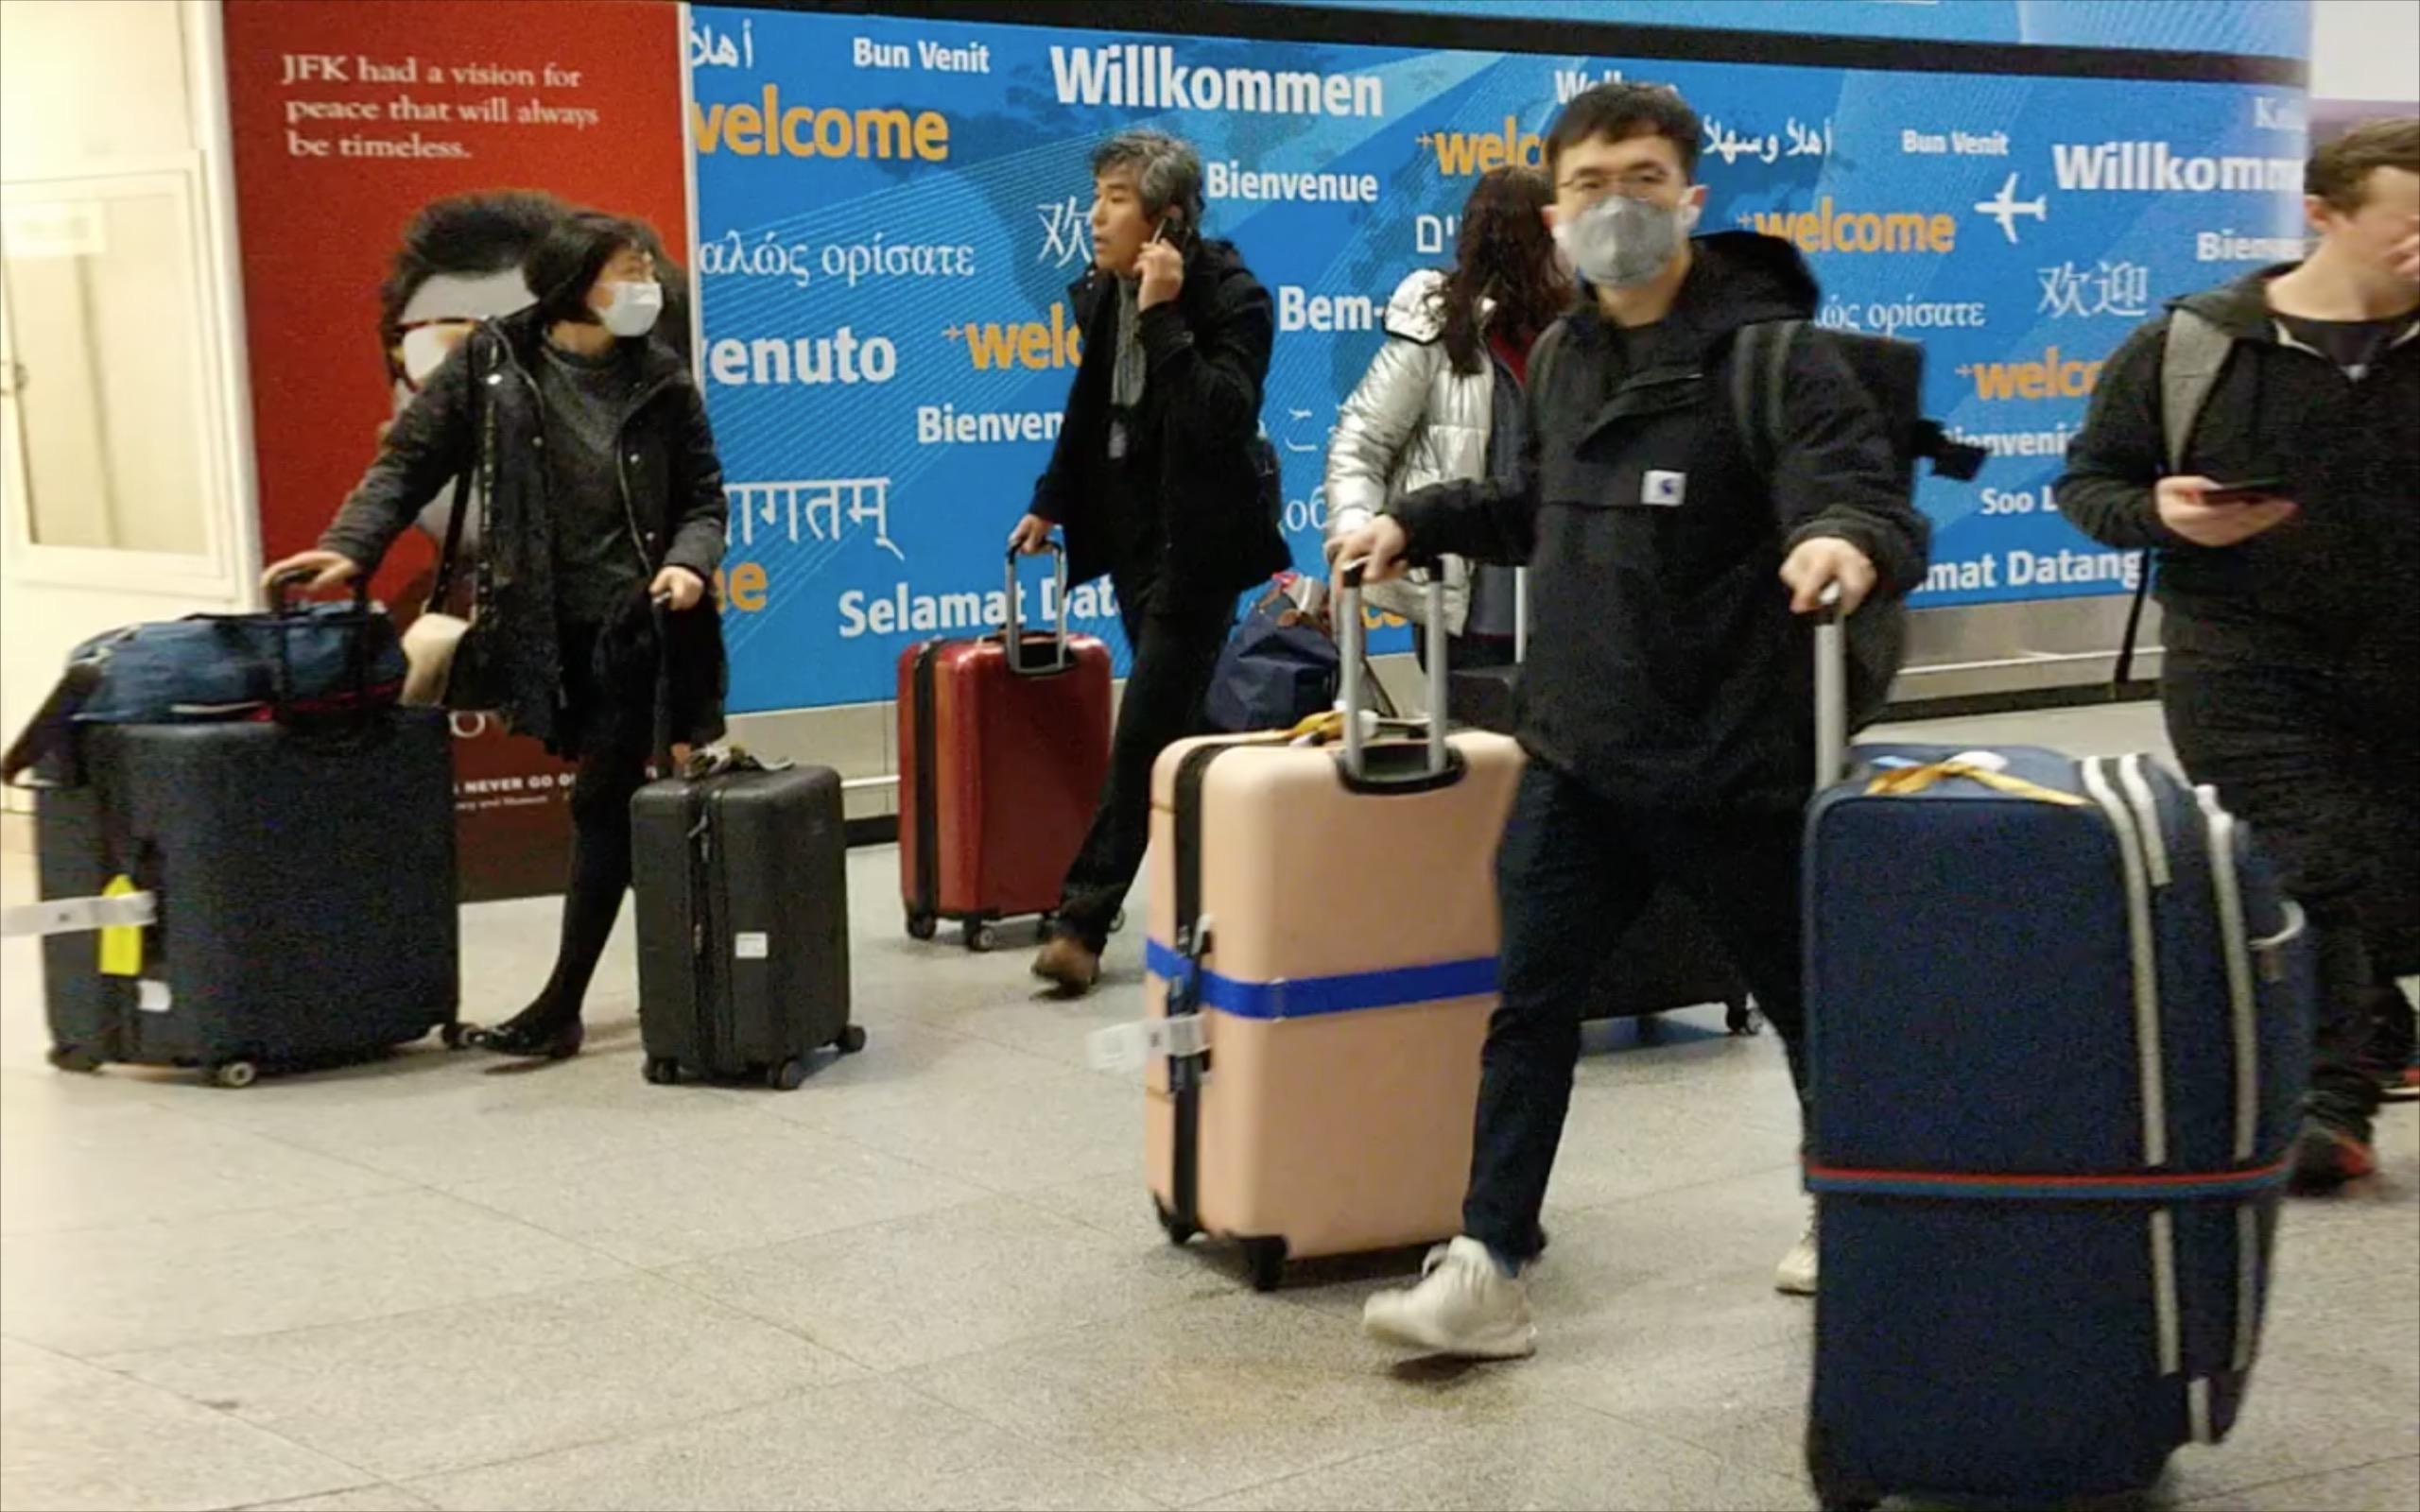 為了阻隔中共病毒,美國政府於2月2日實施新的旅行限制新規。圖為紐約JFK國際機場的旅客。(黃小堂/大紀元)